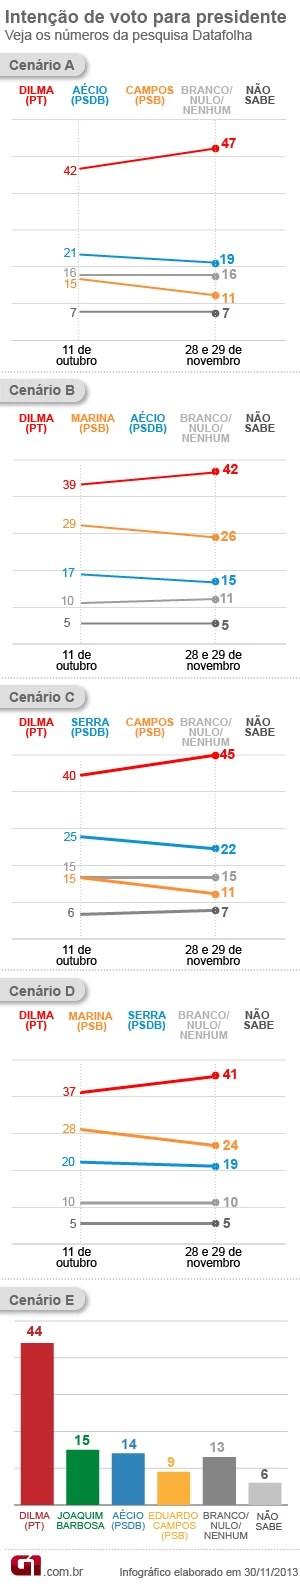 Gráfico Datafolha (Foto: G1)